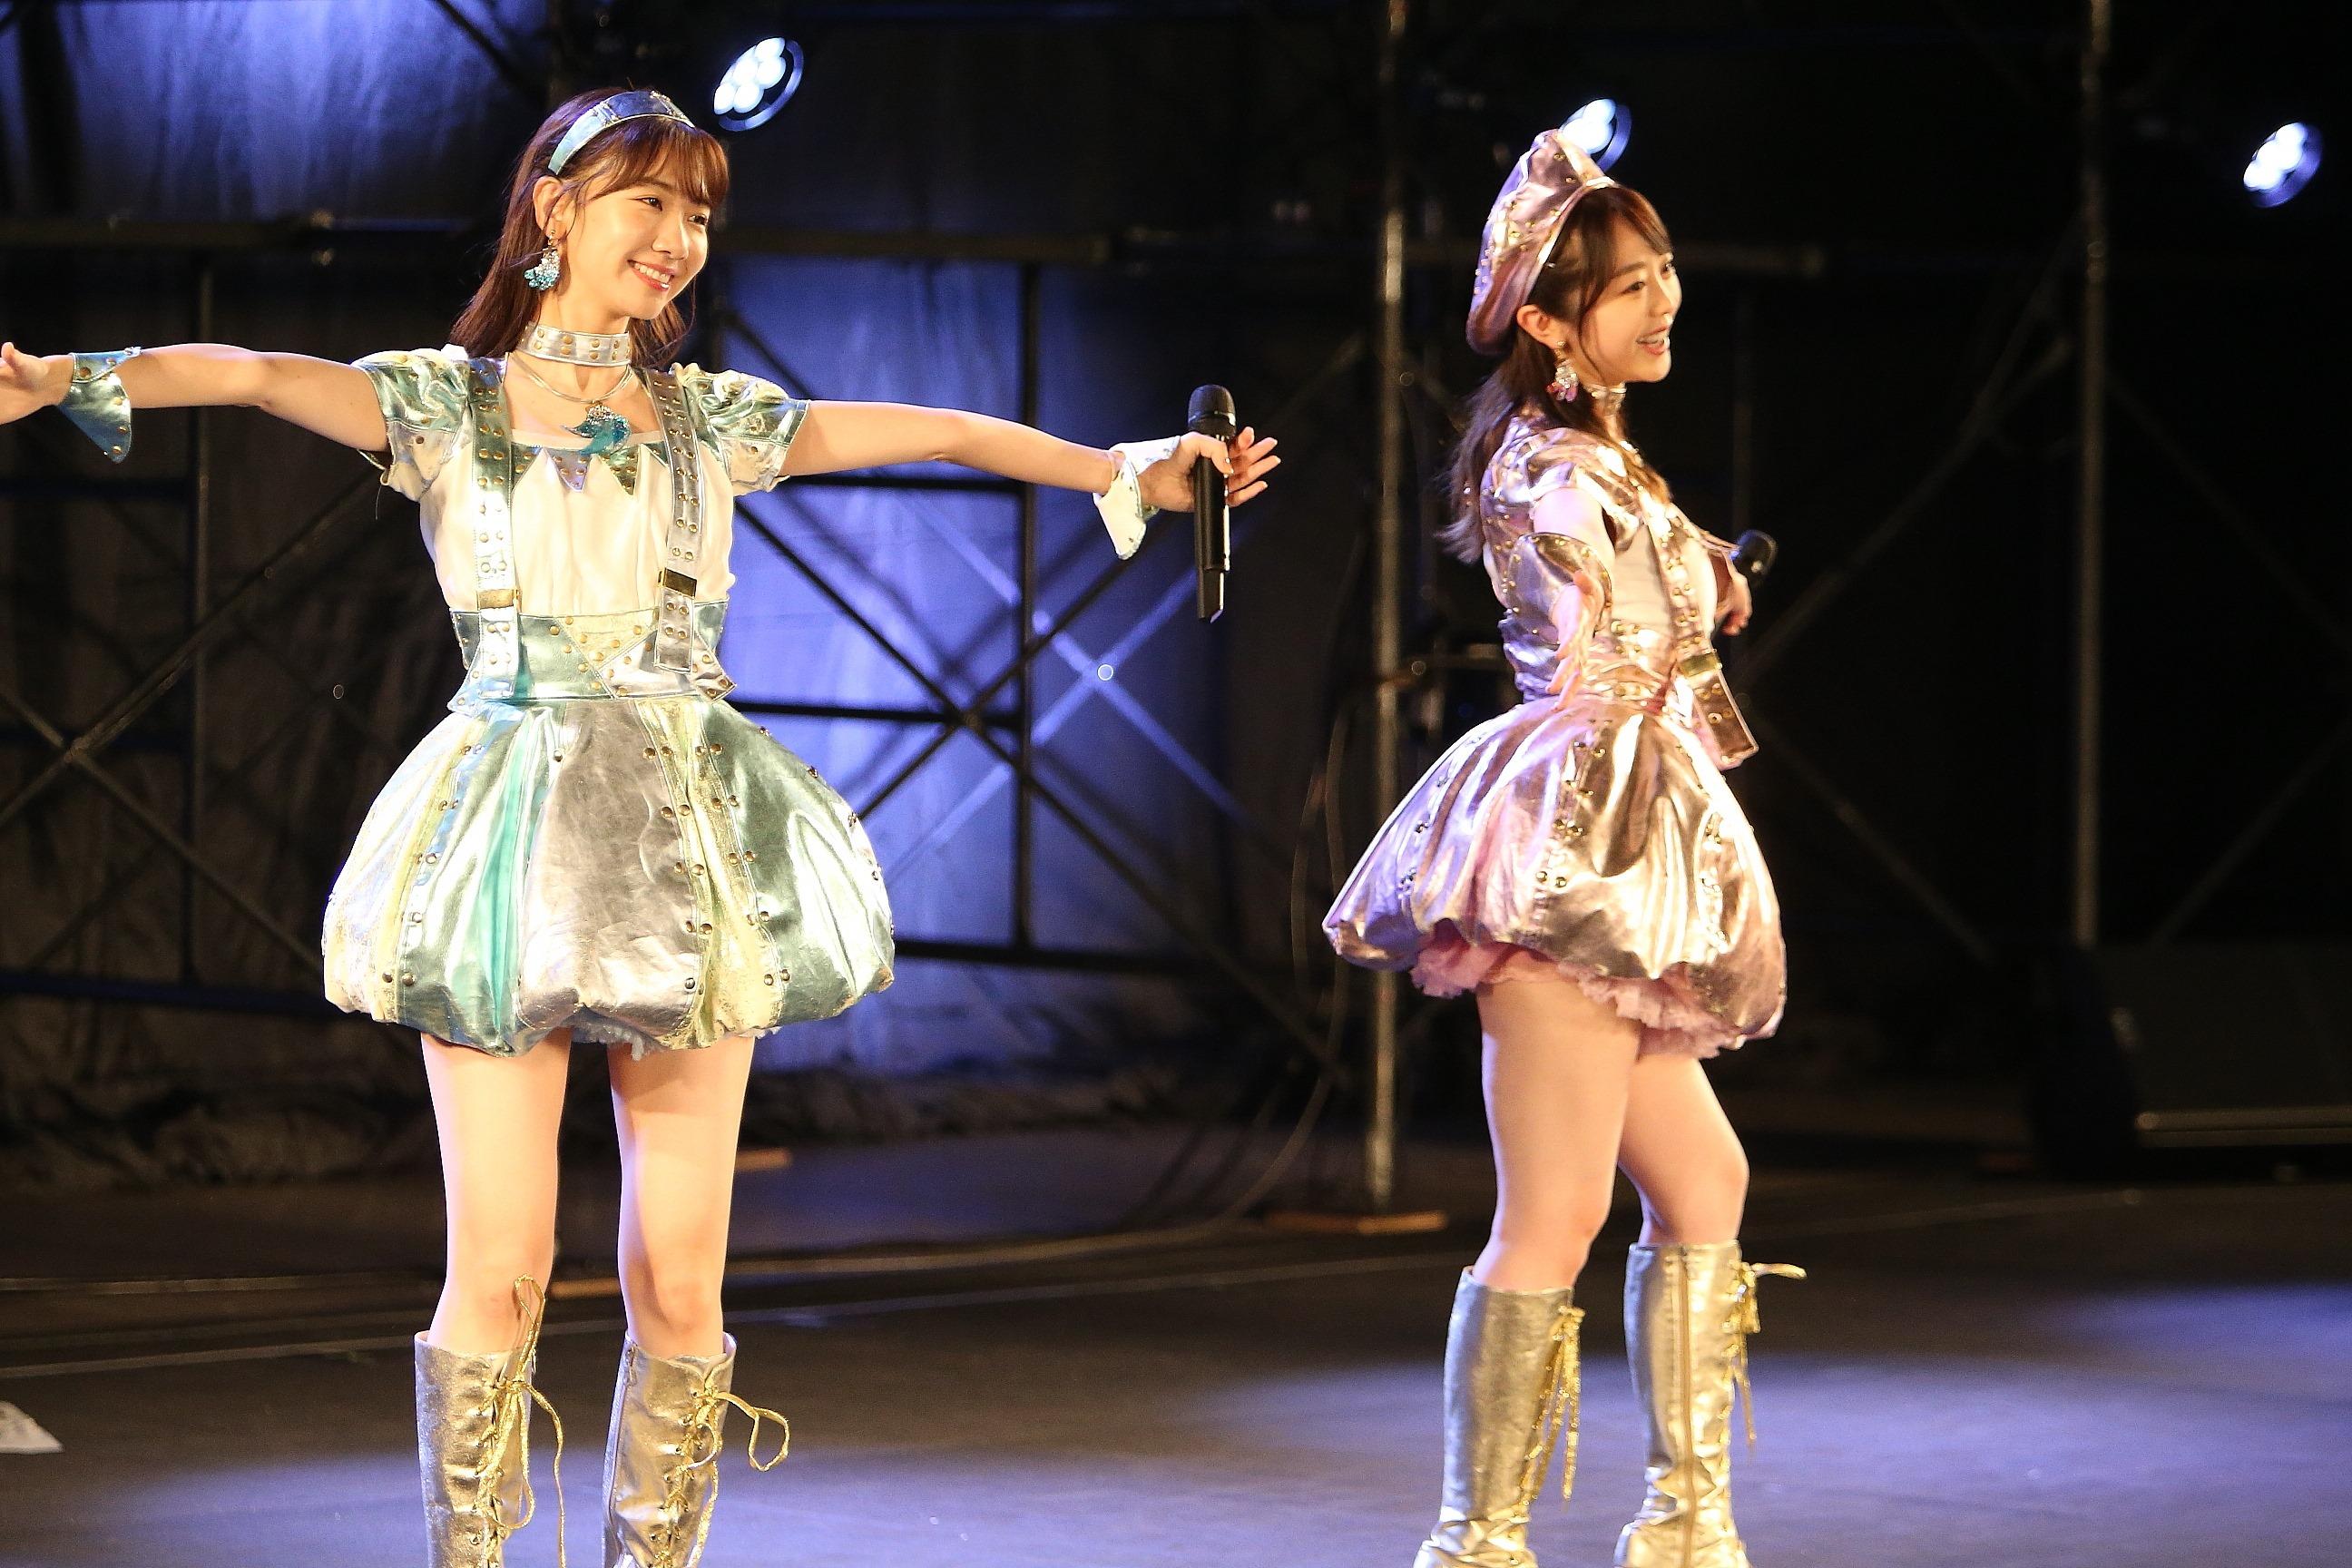 柏木由紀、峯岸みなみ 10月17日ライブ (C) AKB48